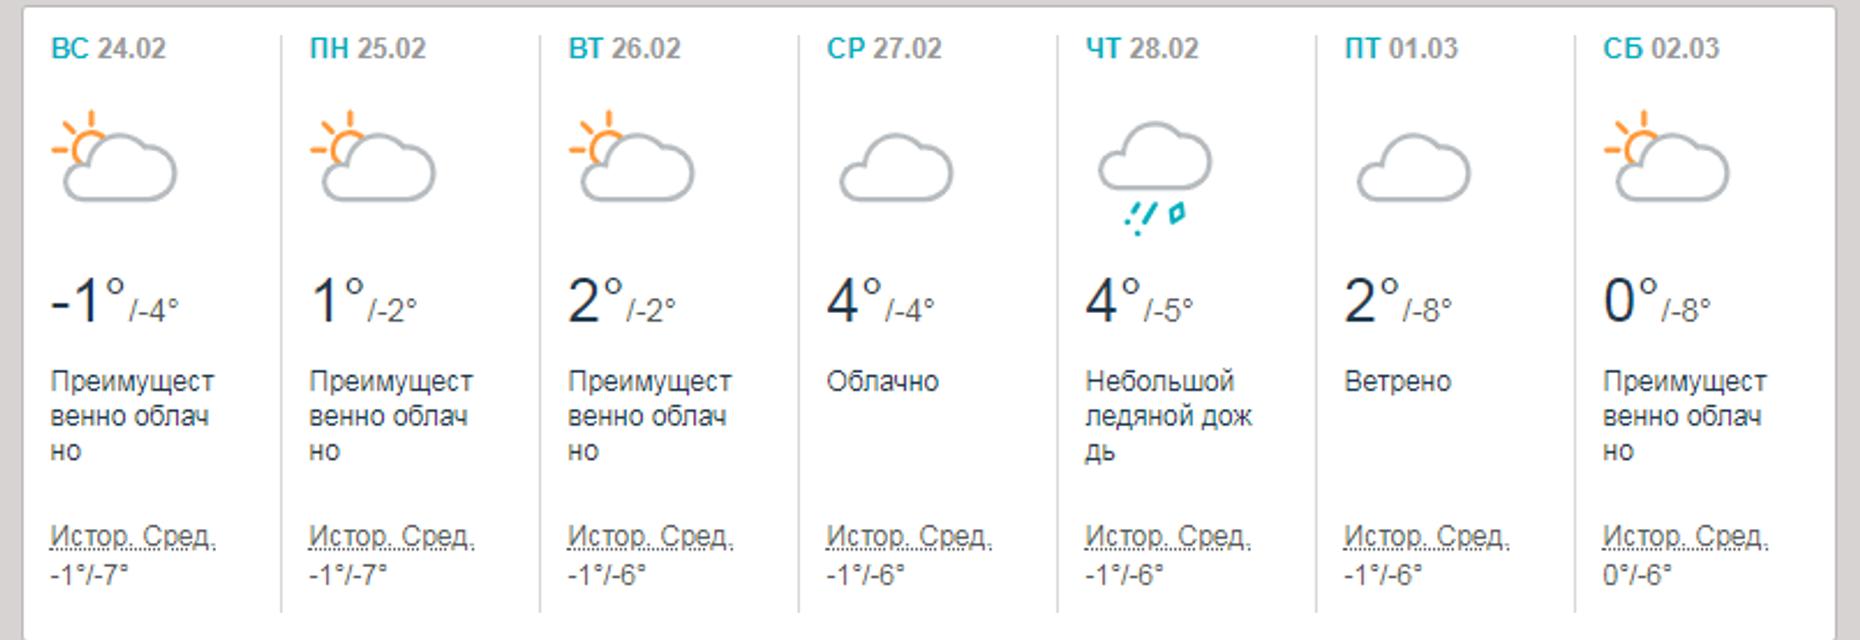 Морозы и снегопад: прогноз погоды на февраль 2019 в Украине - фото 167976